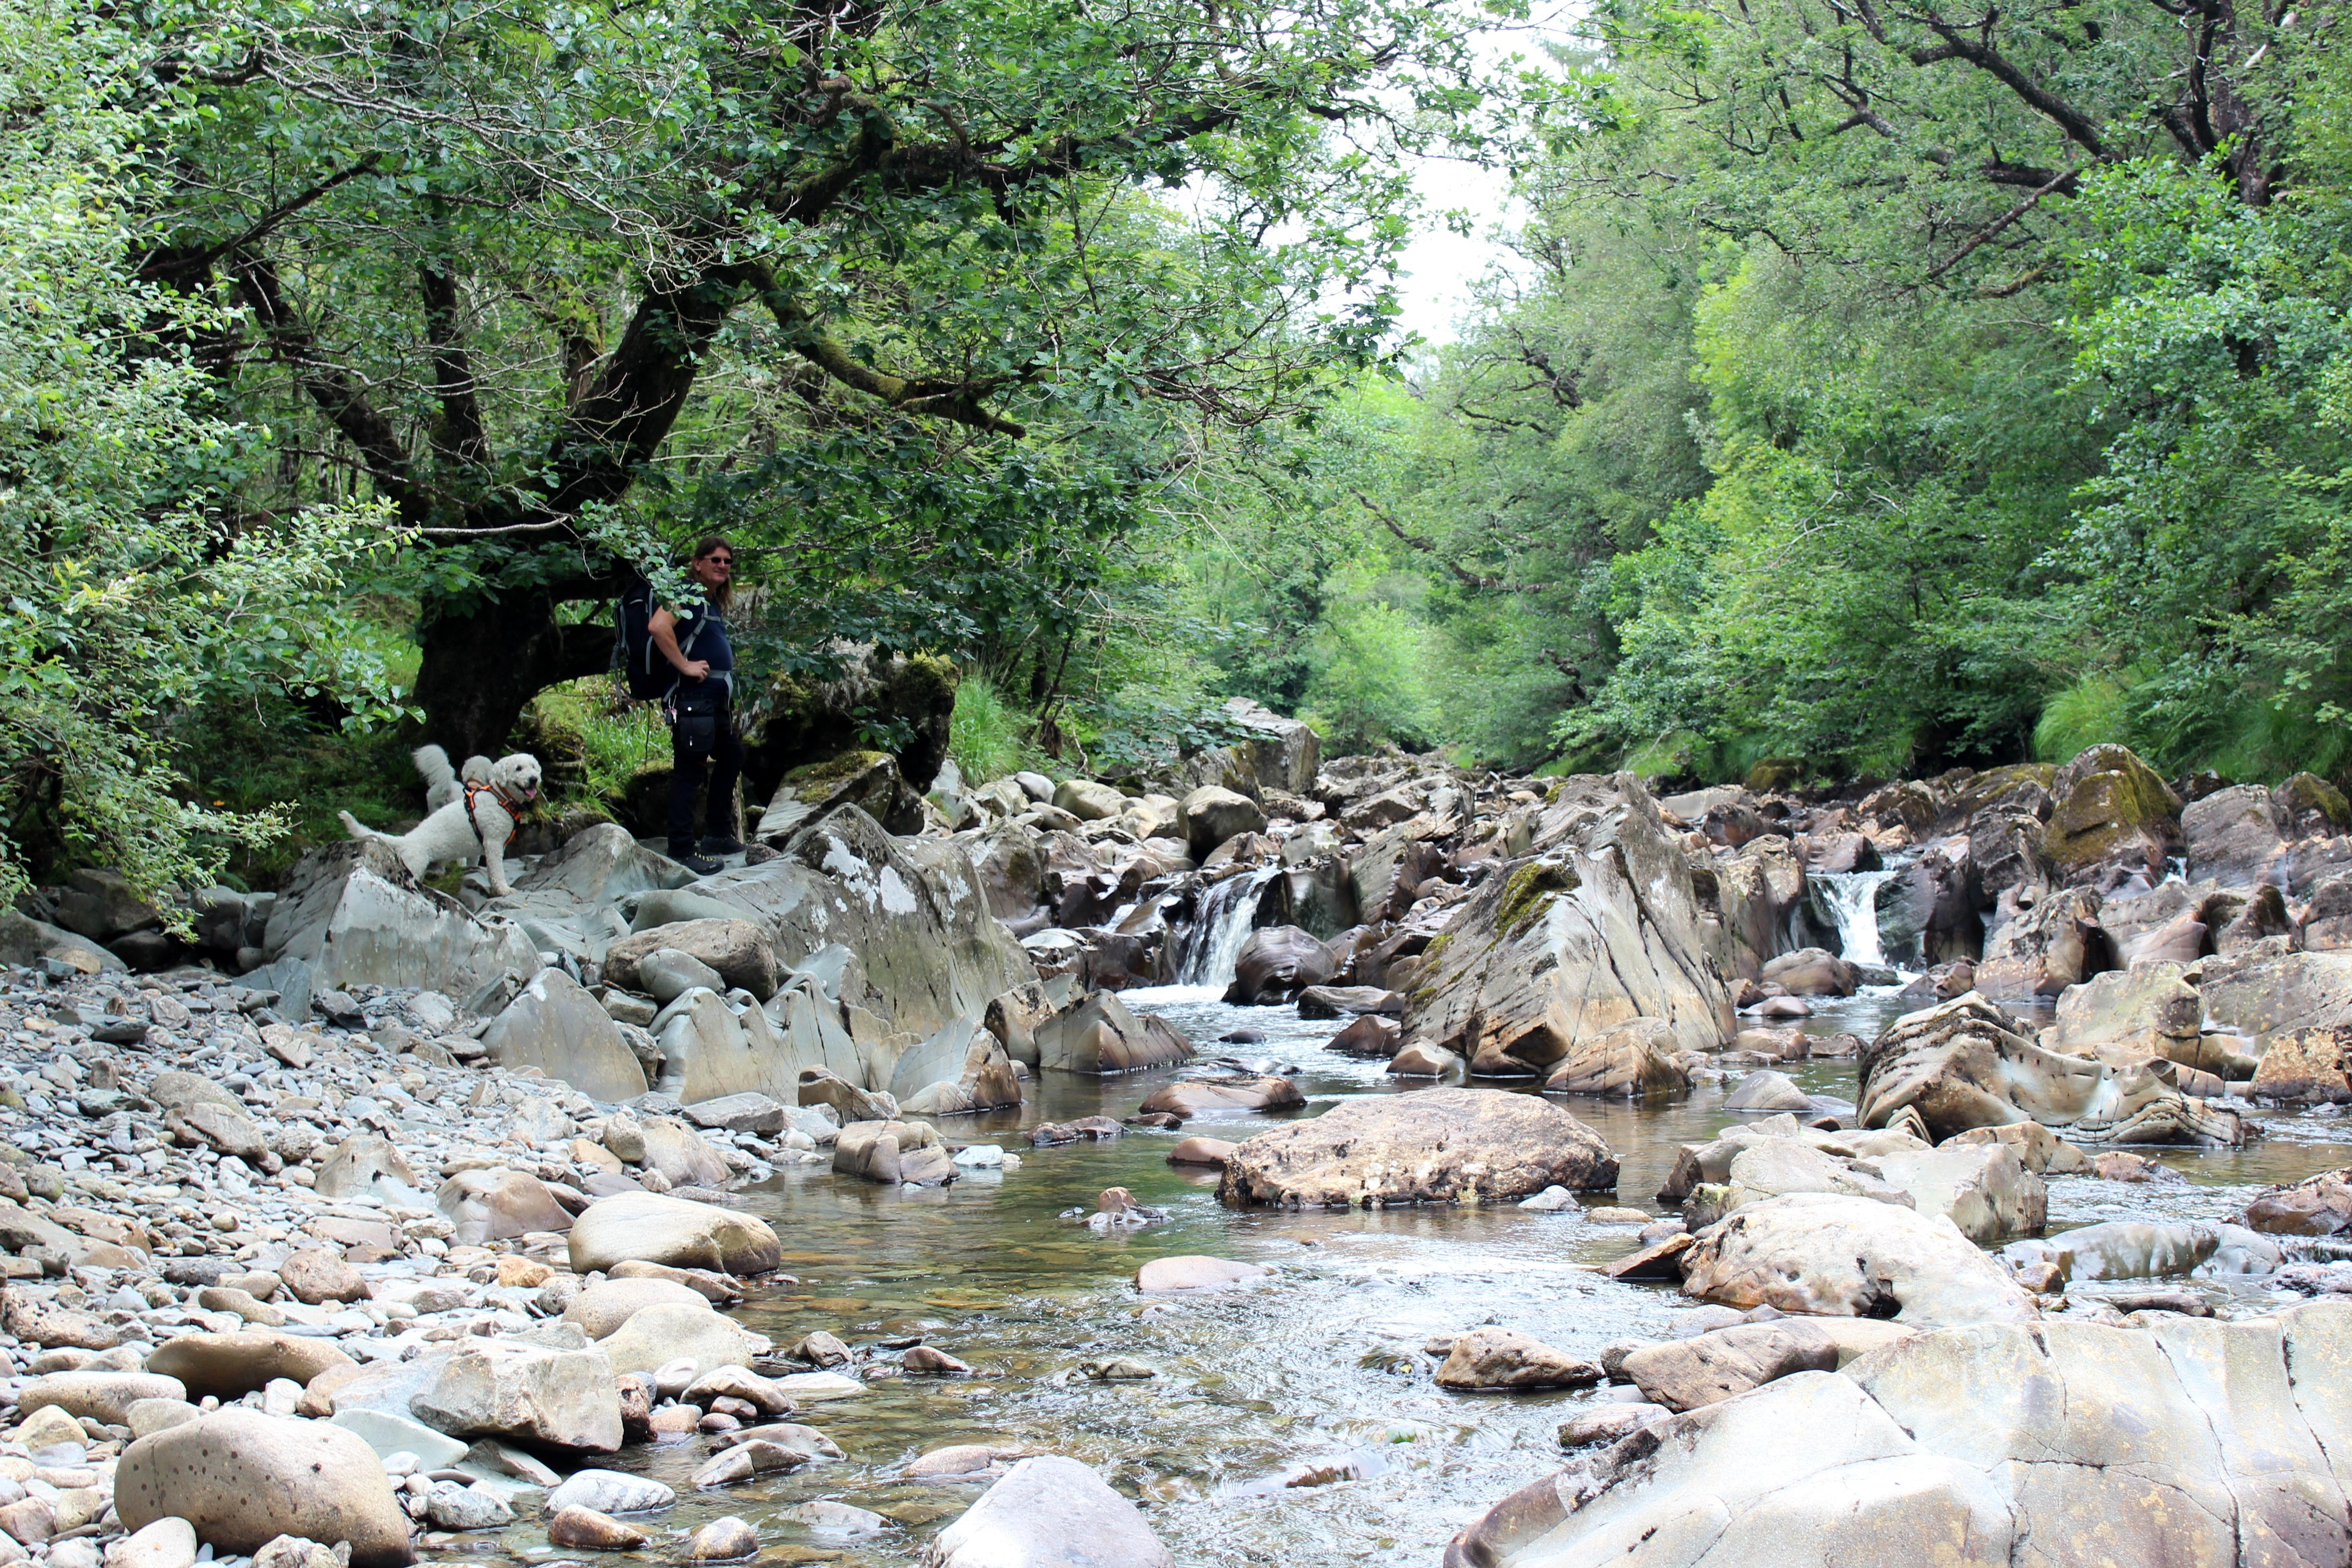 Coed y brenin river Eden